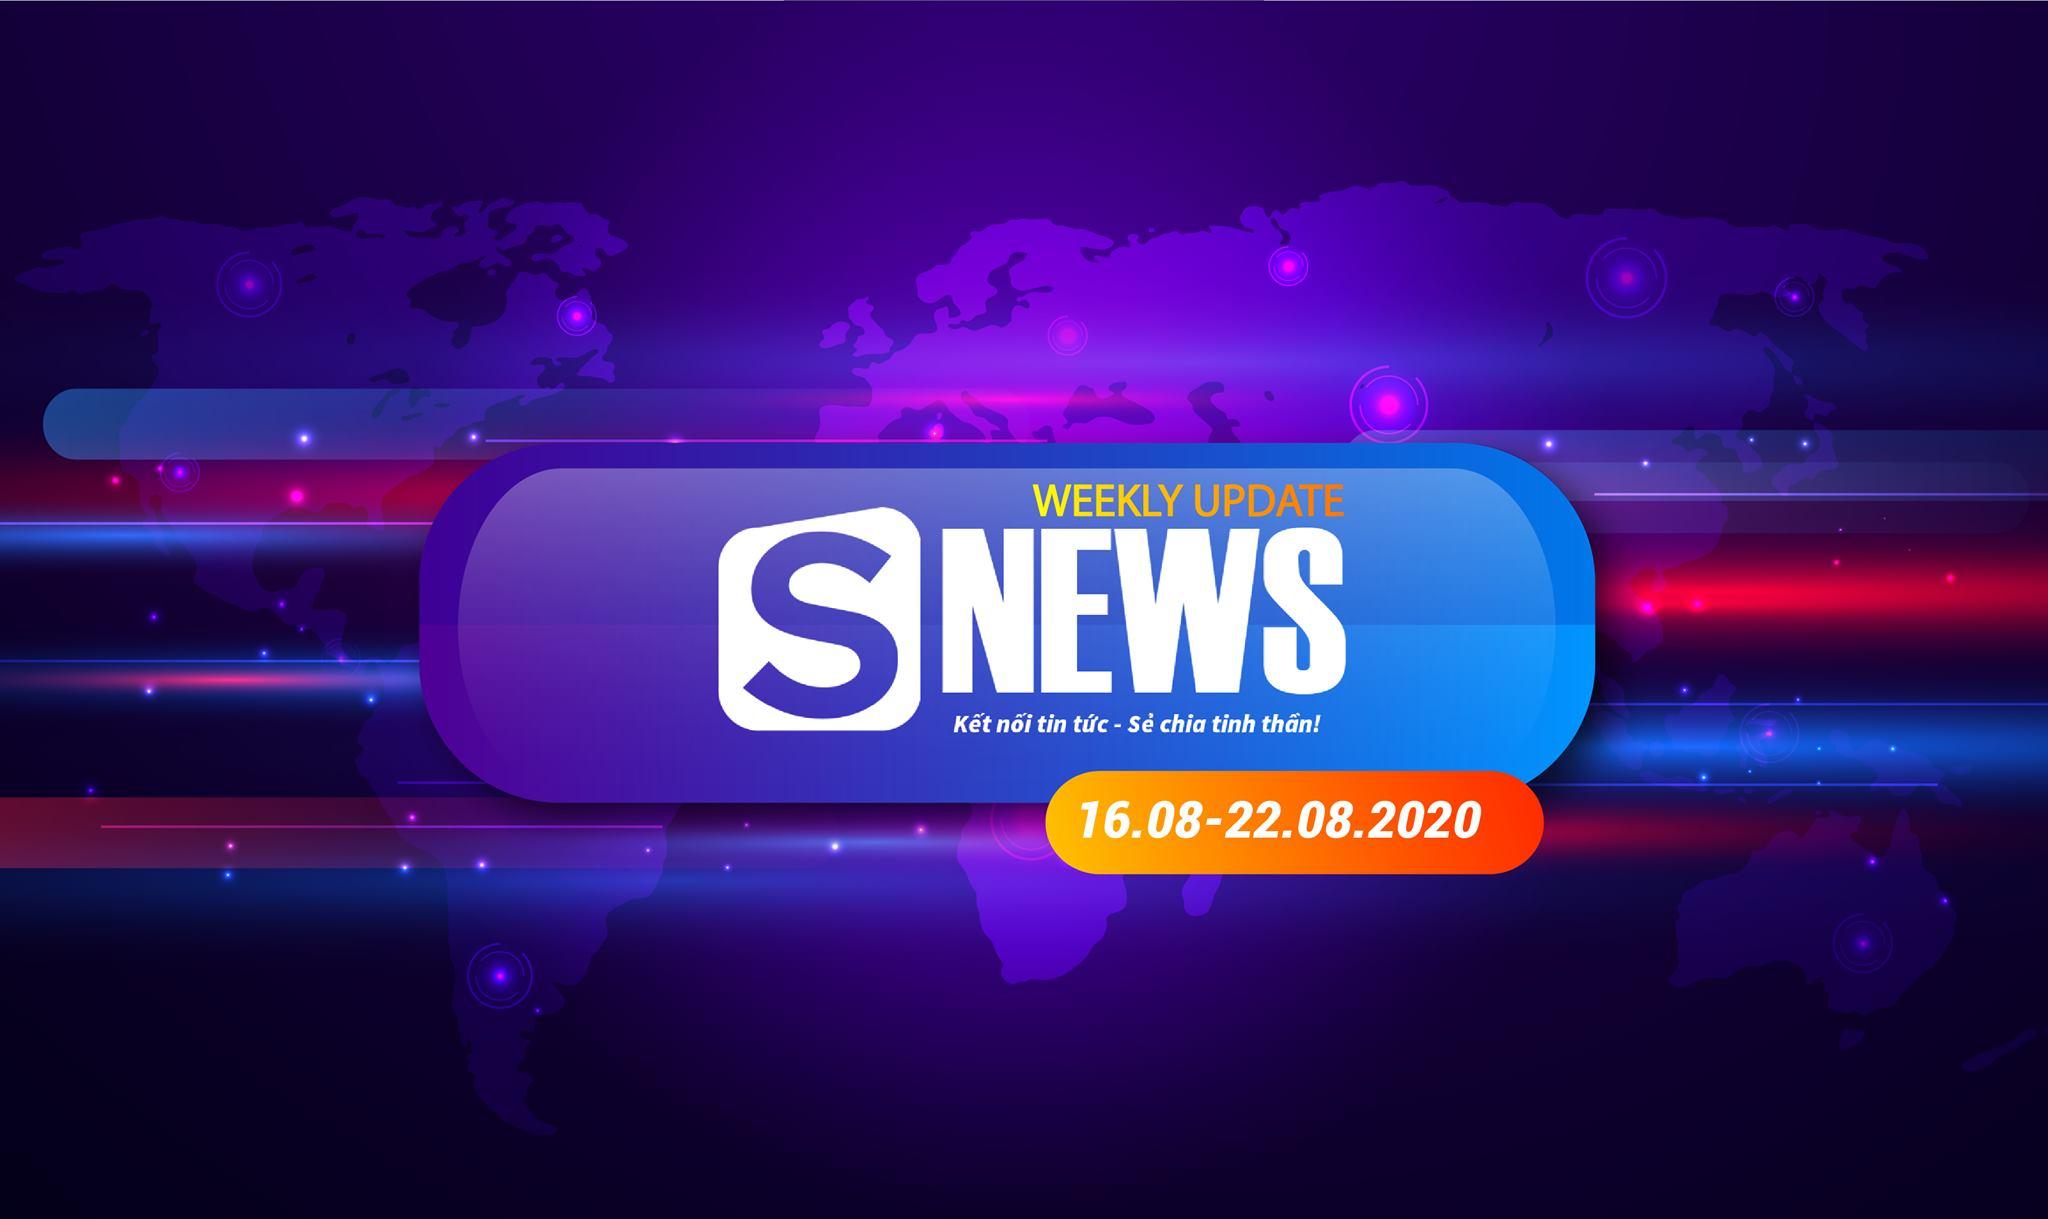 Tổng hợp tin tức tuần qua (16.08 - 22.08.2020)